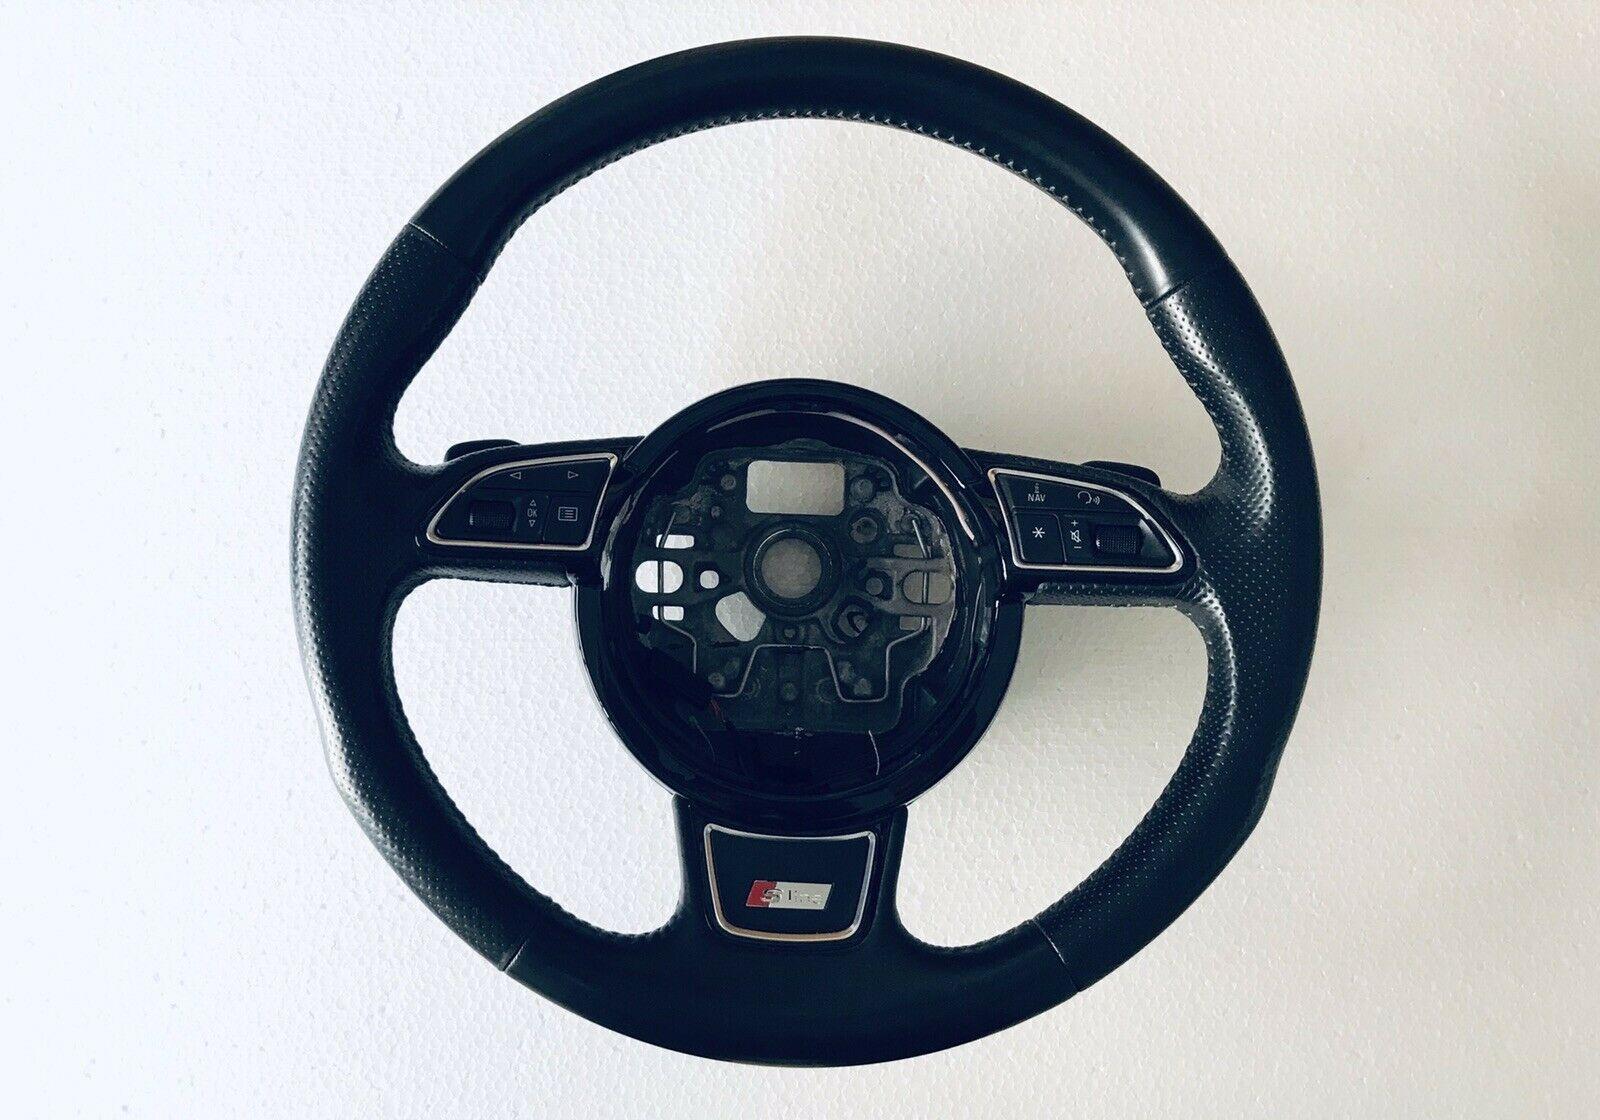 Volante Sterzo S Line Mult Funzioni Cambio Automatico In Pelle Audi A1 Anno 2011